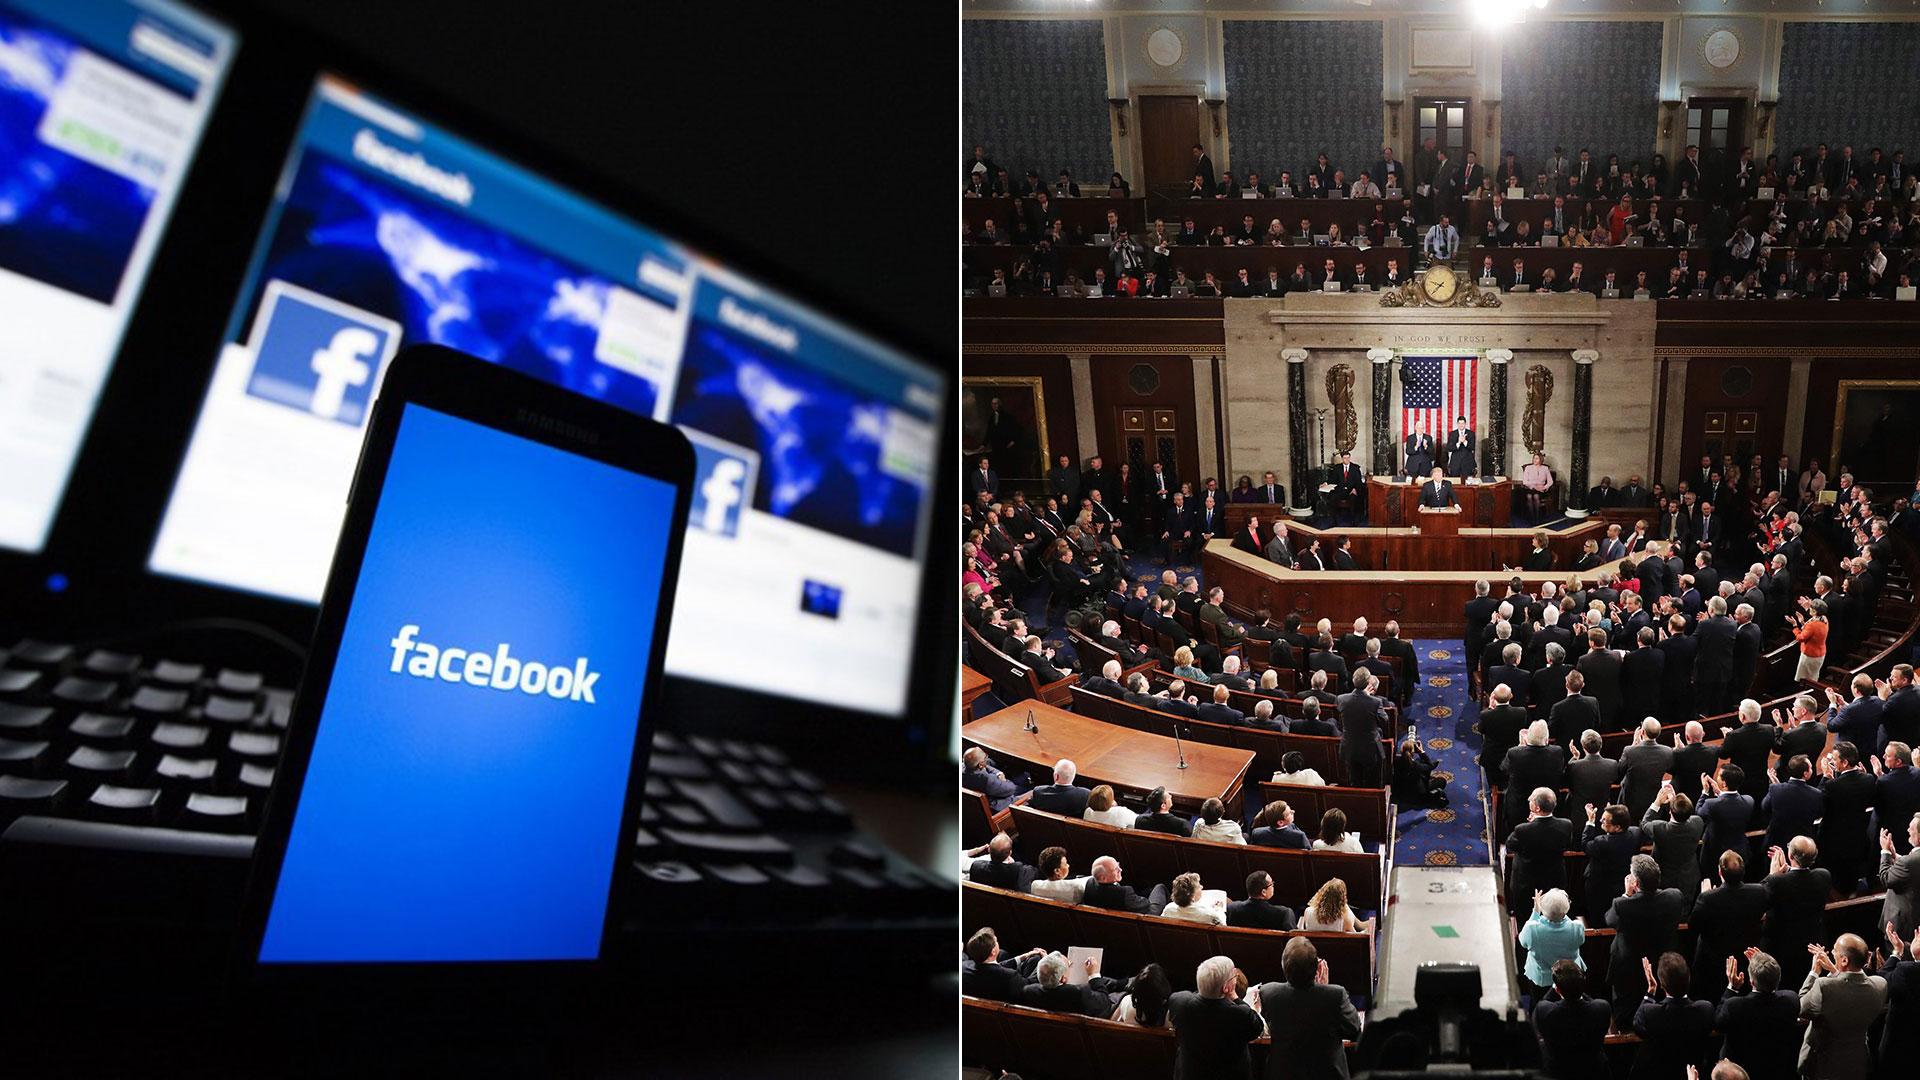 El CEO de Facebook dará testimonio ante el Congreso de EEUU